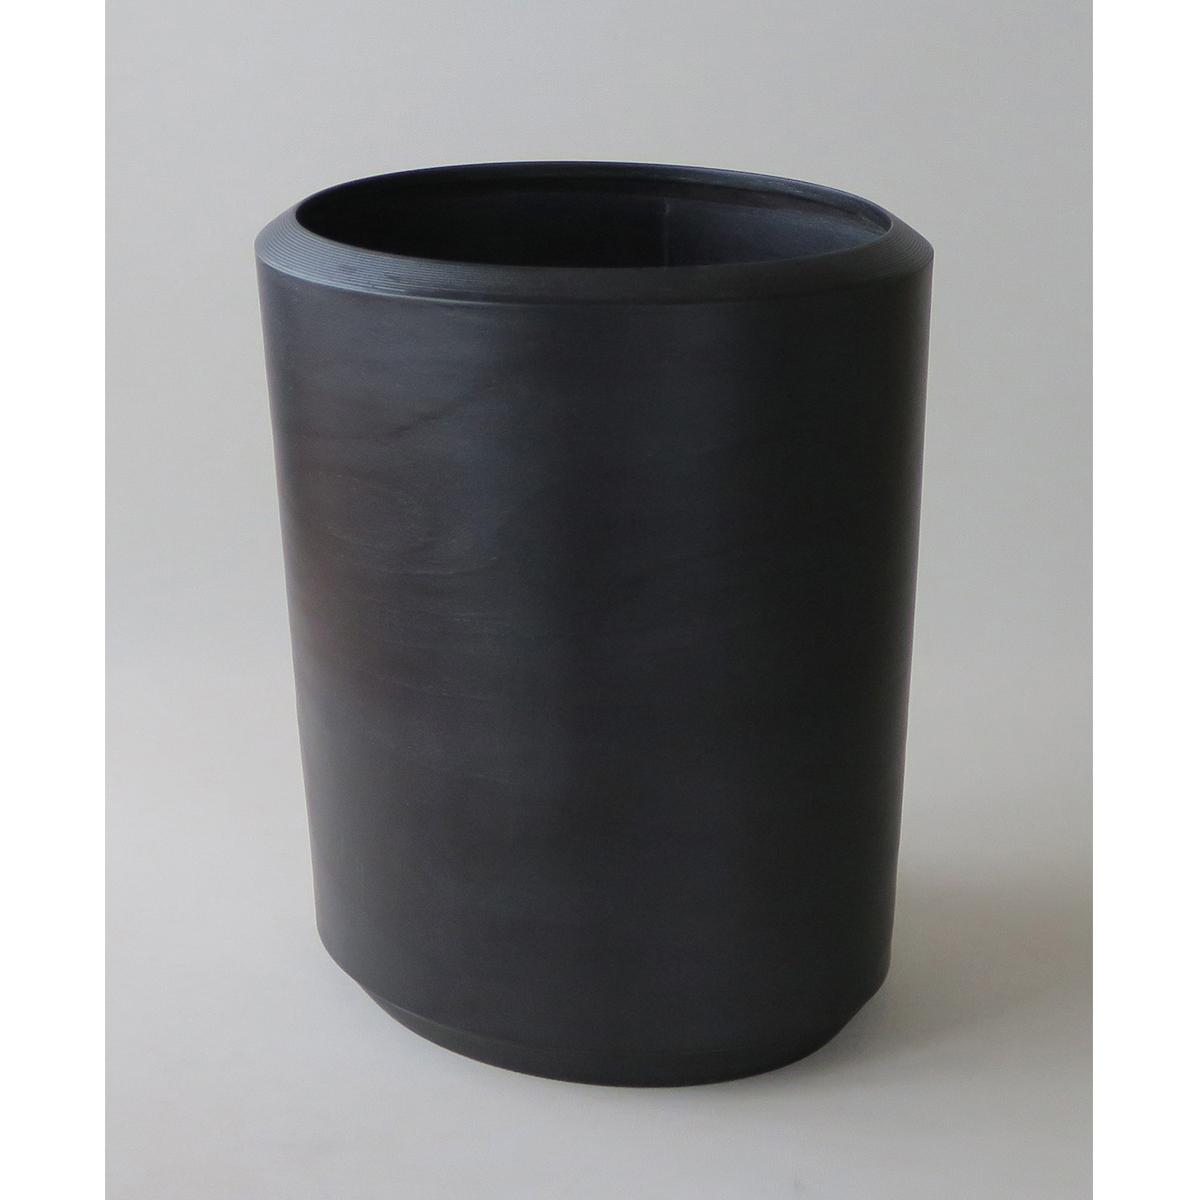 ブナコ INTERIOR GOODS DUST BIN IB-D8312 Black /マルゲリータ